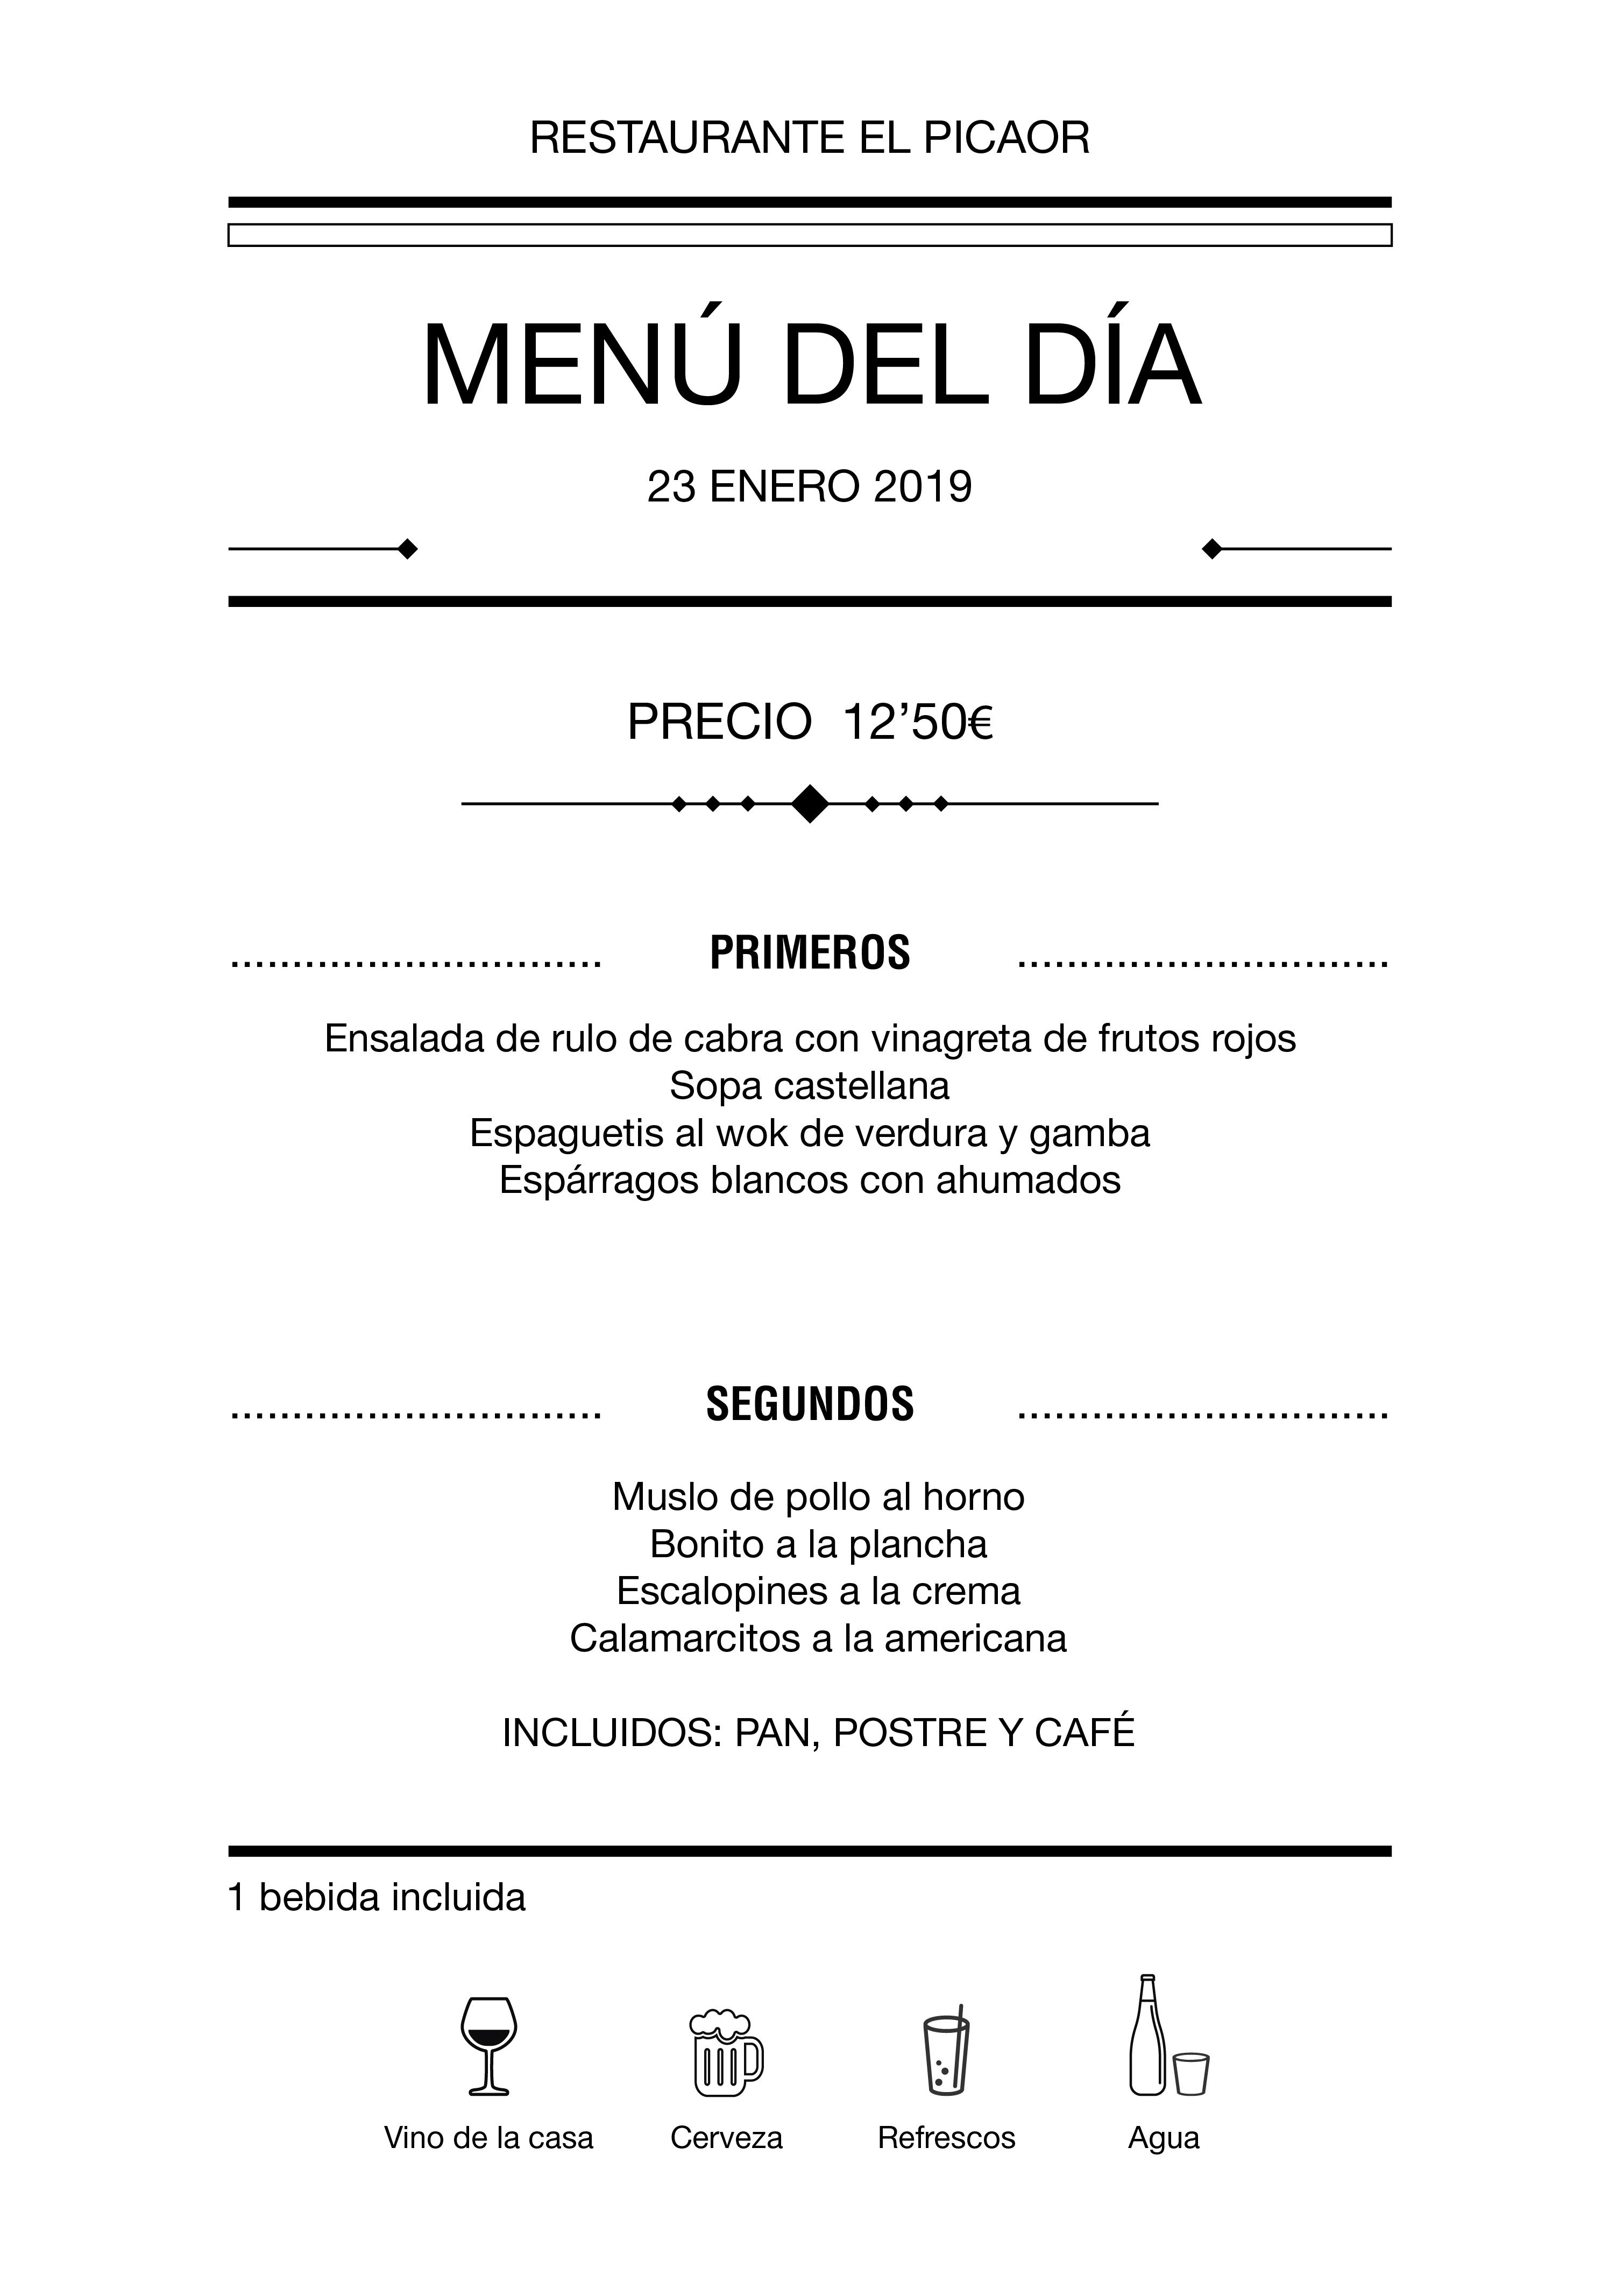 Menú diario El Picaor 23/01/19